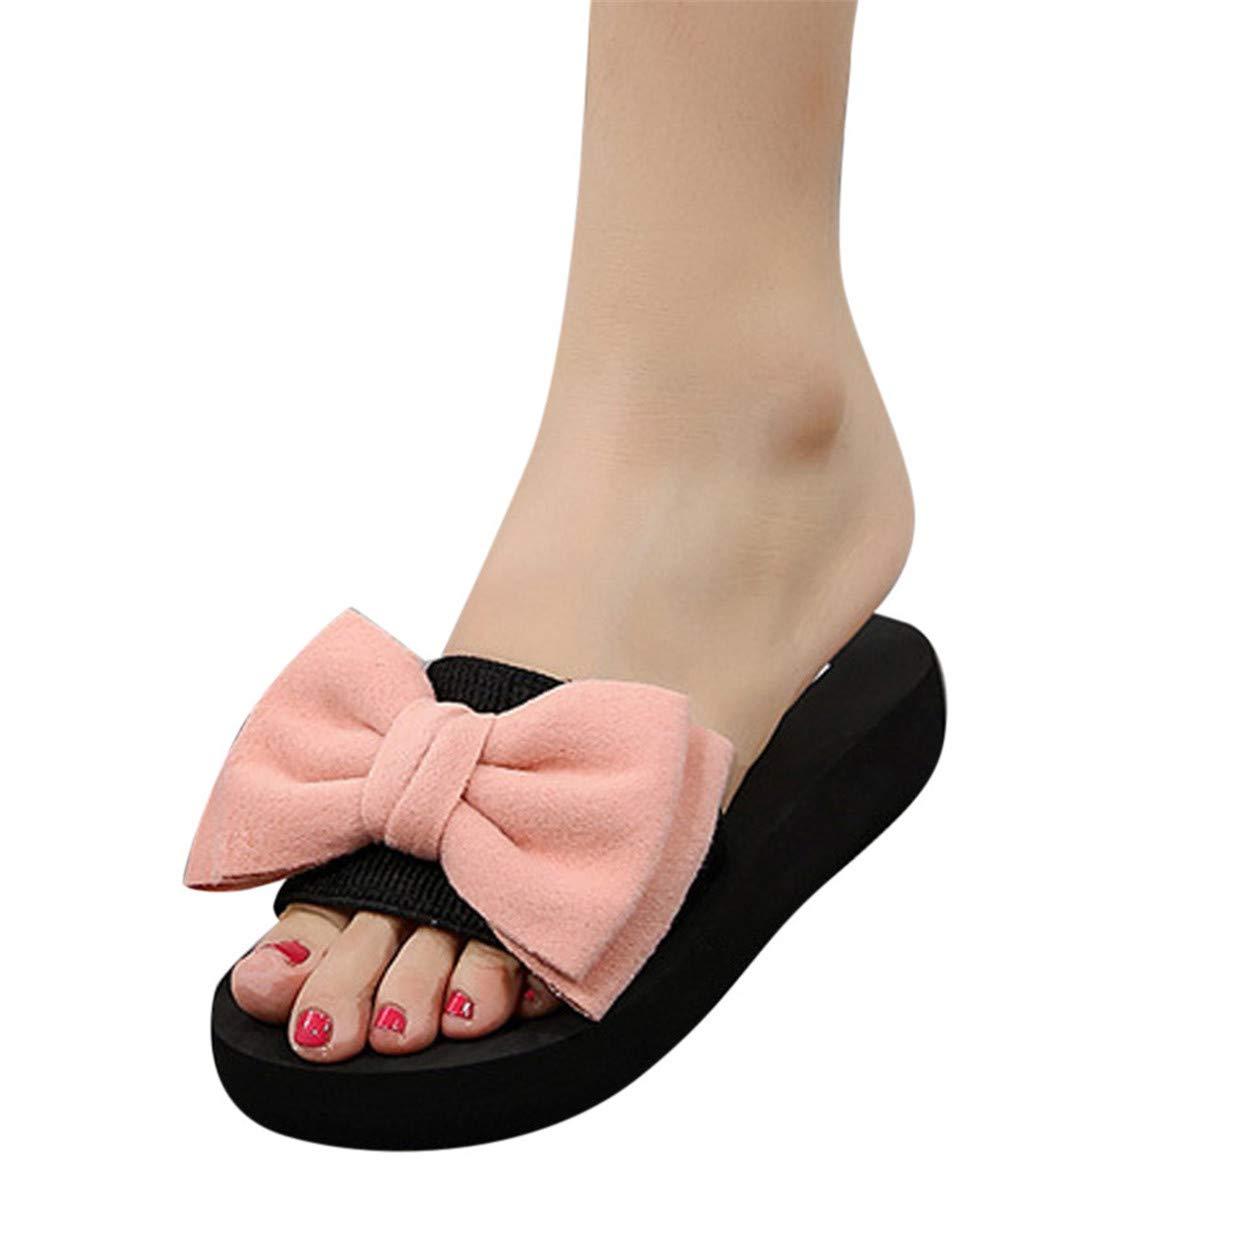 TIFENNY Summer Women's Fashion Bow Sandals Slipper Indoor Outdoor Non-Slip Flip-Flops Beach Shoes Pink